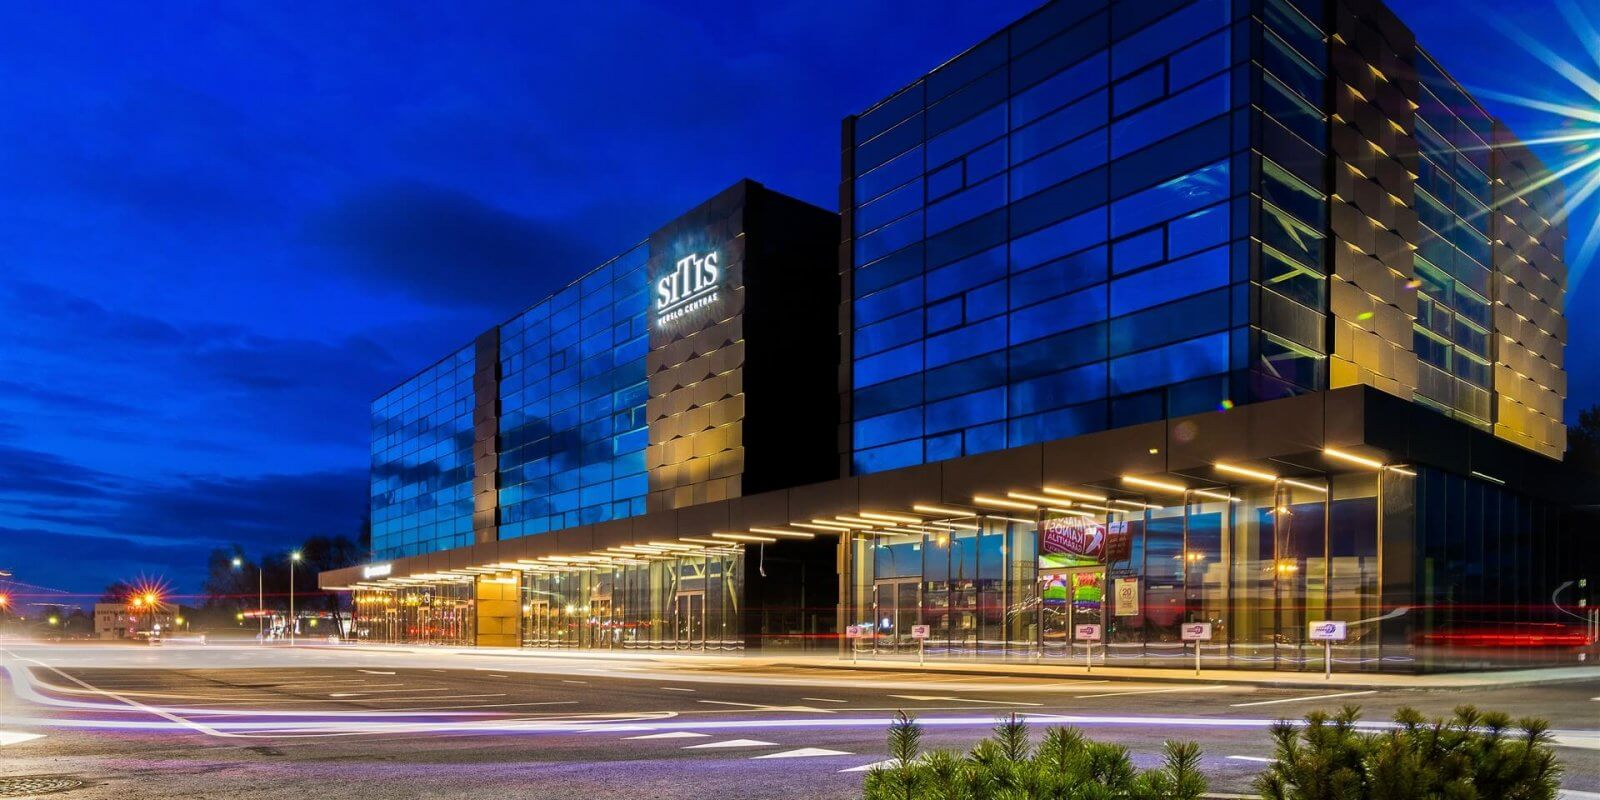 Išskirtinis verslo centras SITIS: spalvą keičia nuo saulės apšvietimo